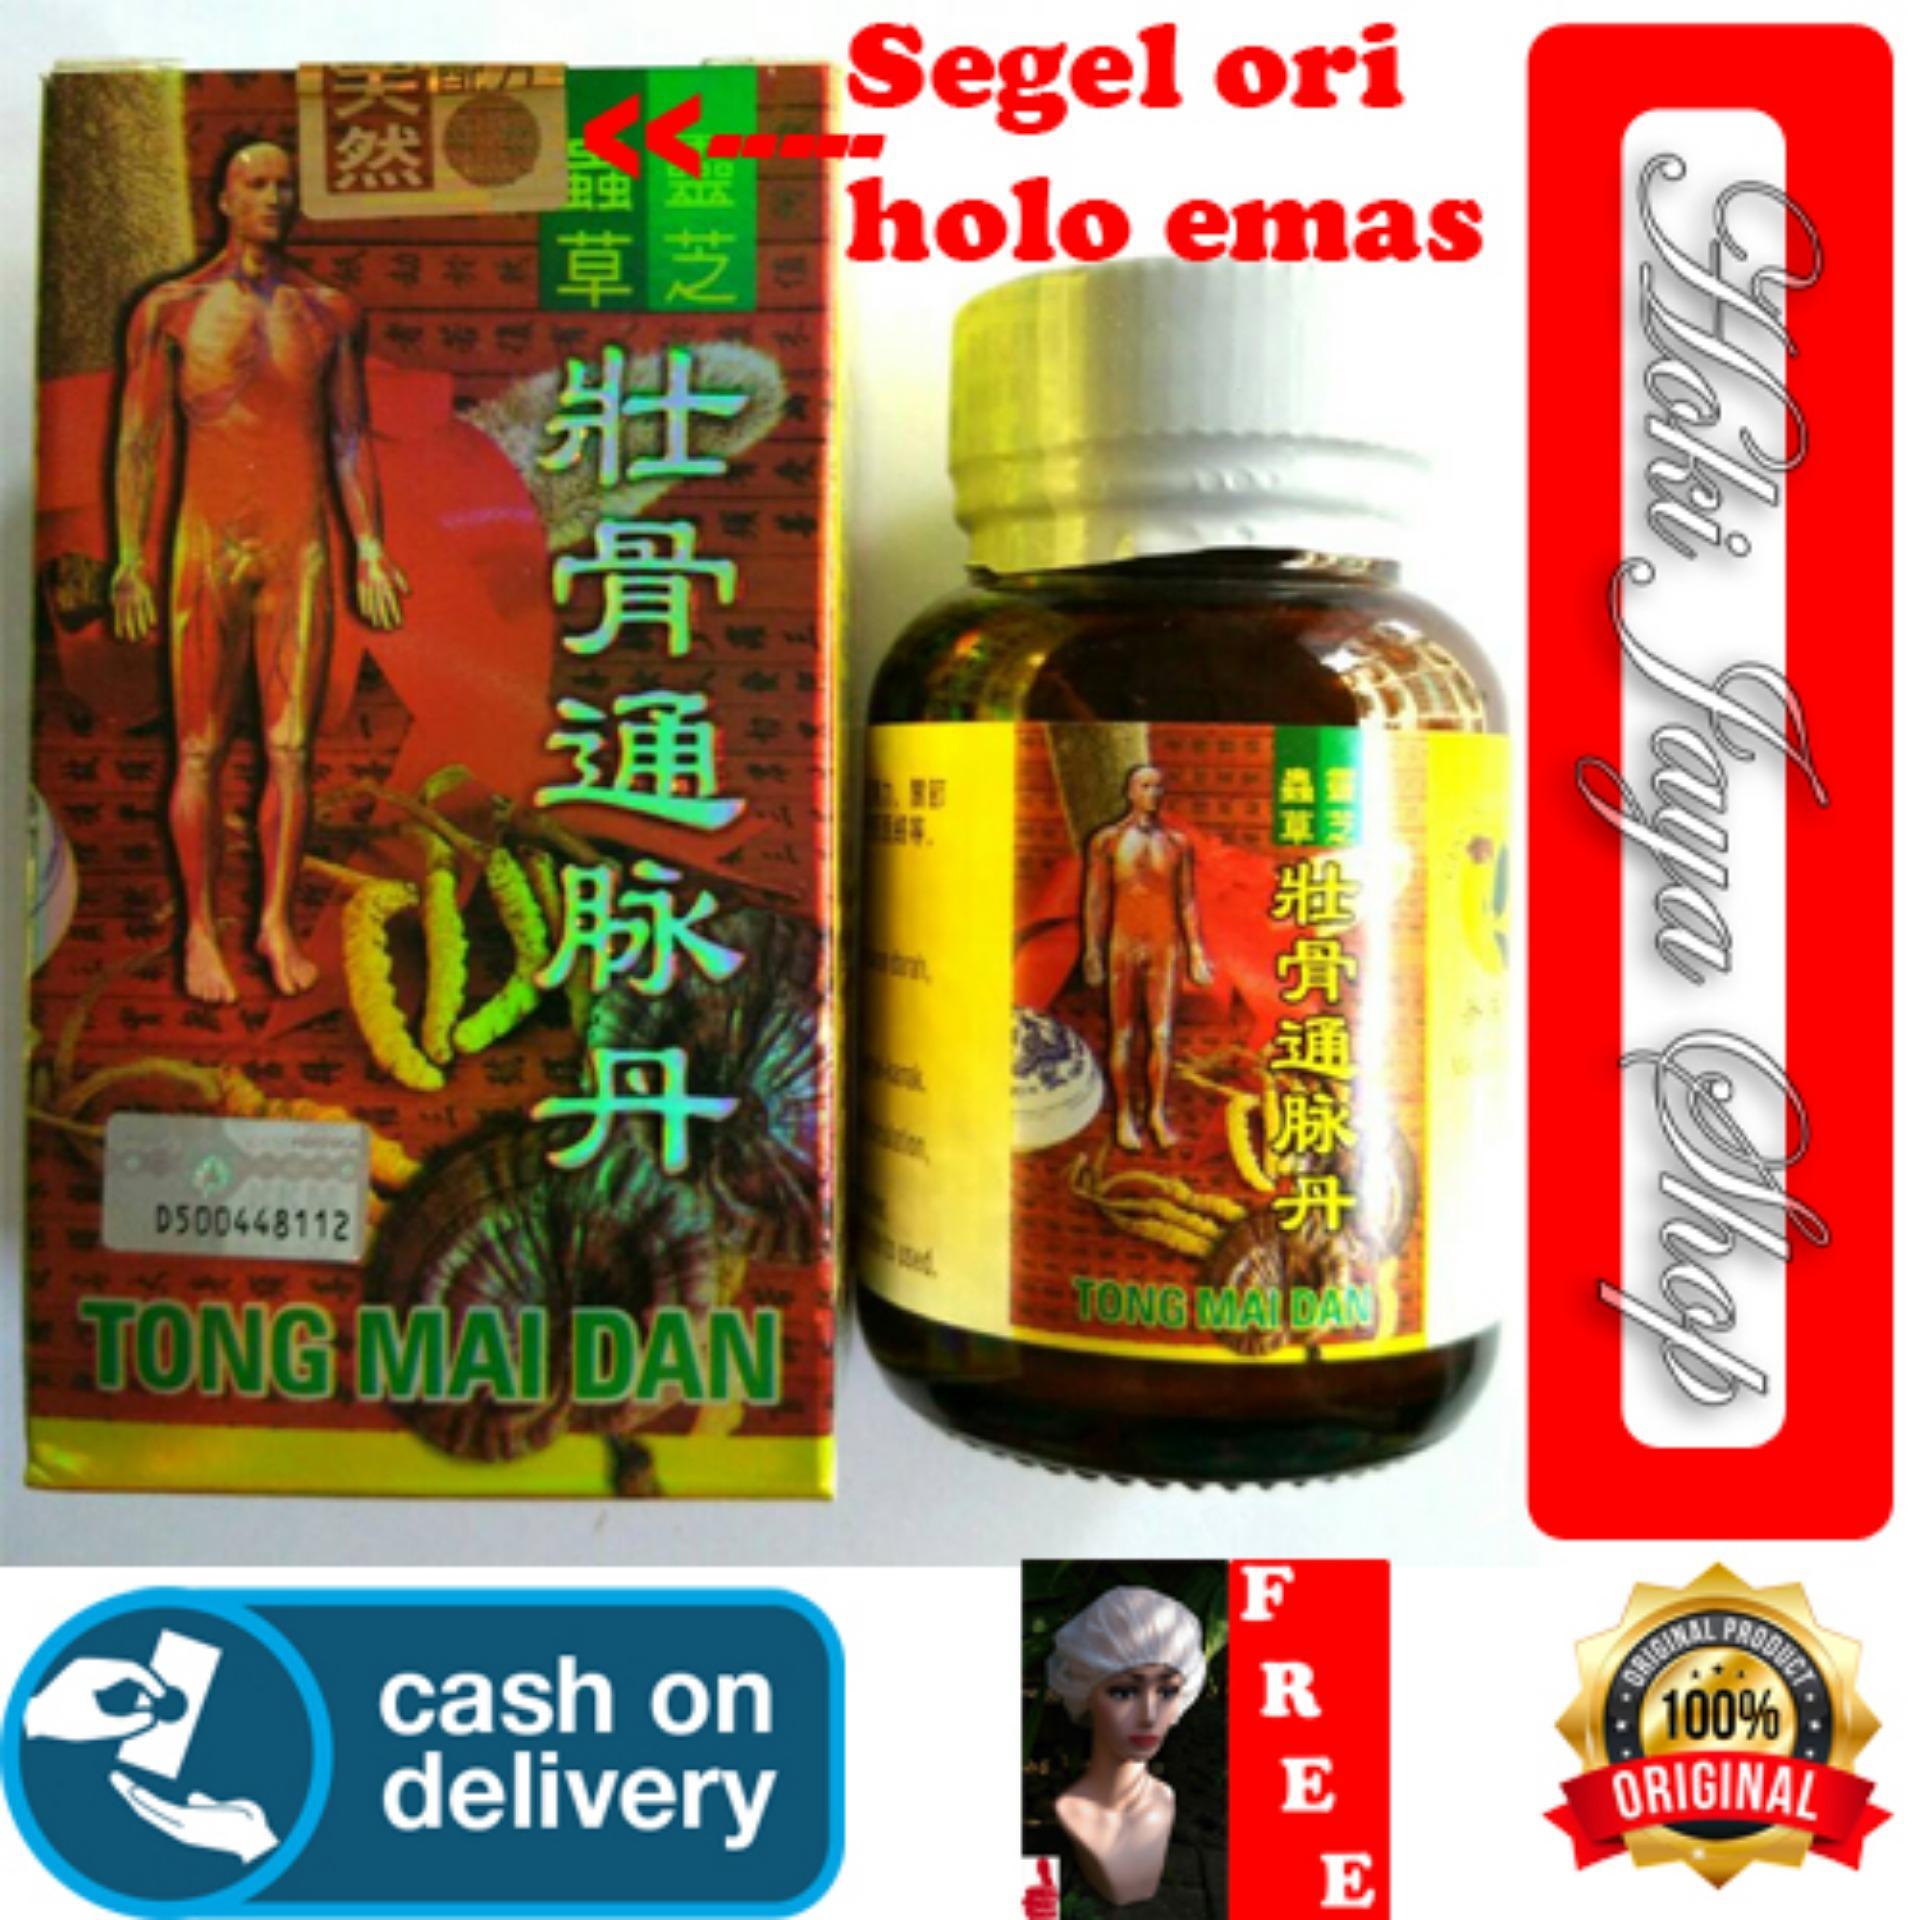 HOKI COD - Tong Mai Dan Original 48 Pil (JAMIN ORIGINAL ADA SEGEL HOLOGRAMNYA) - Rematik,Asam Urat,Nyeri Sendi,Pegal-Pegal,Obat Kesemutan,Obat Kaku-Kaku ...